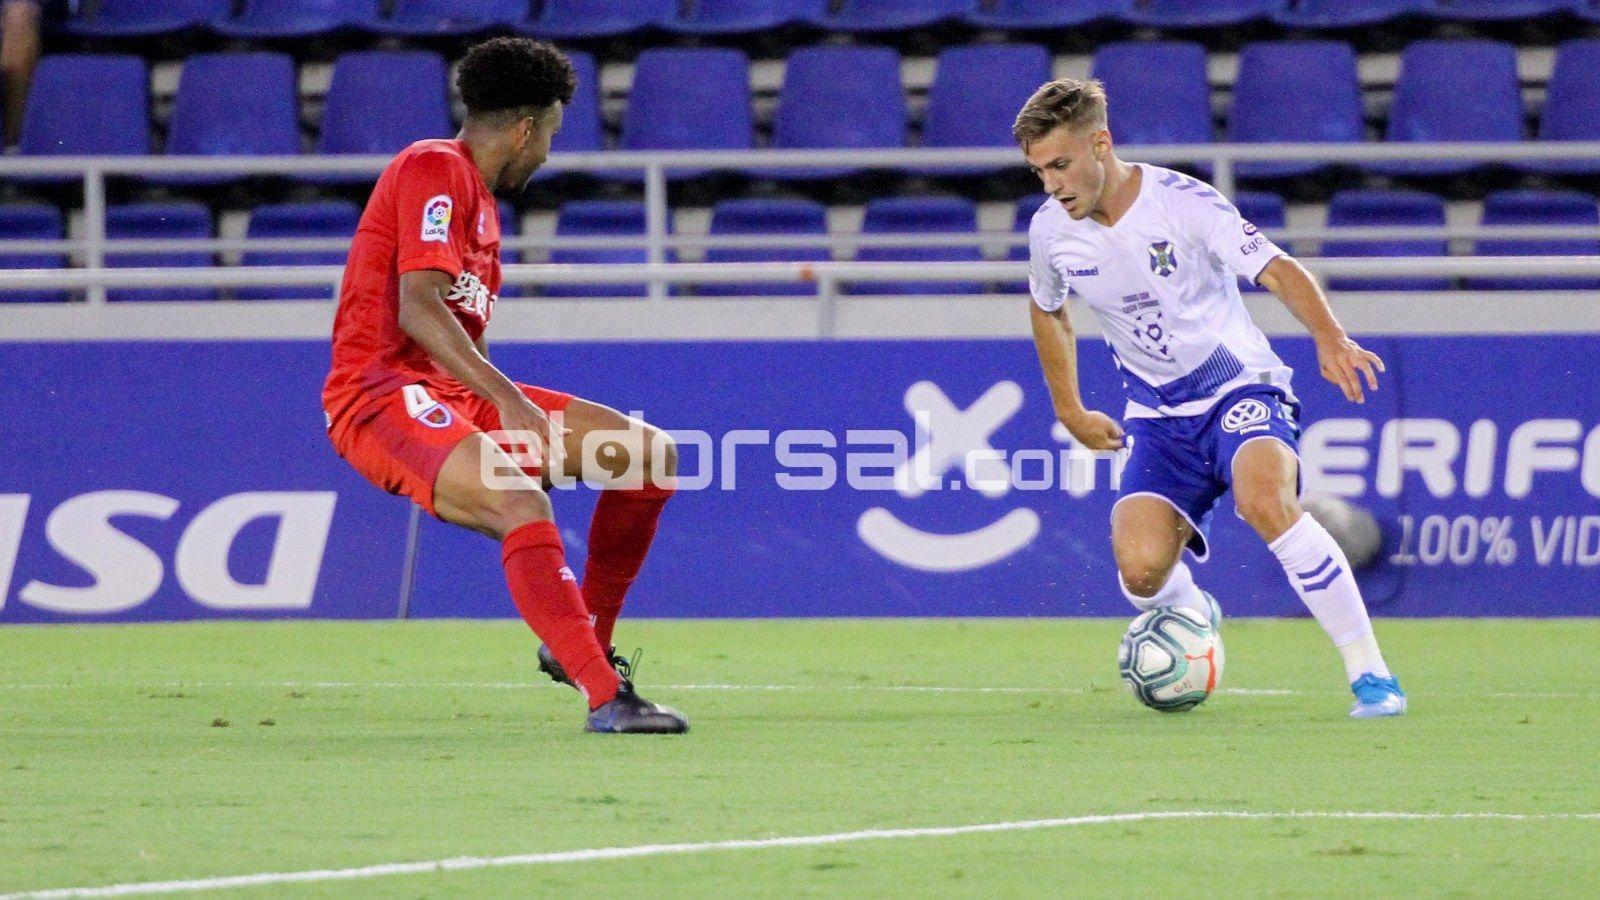 El delantero del CD Tenerife Dani Gómez / @jacfotografo